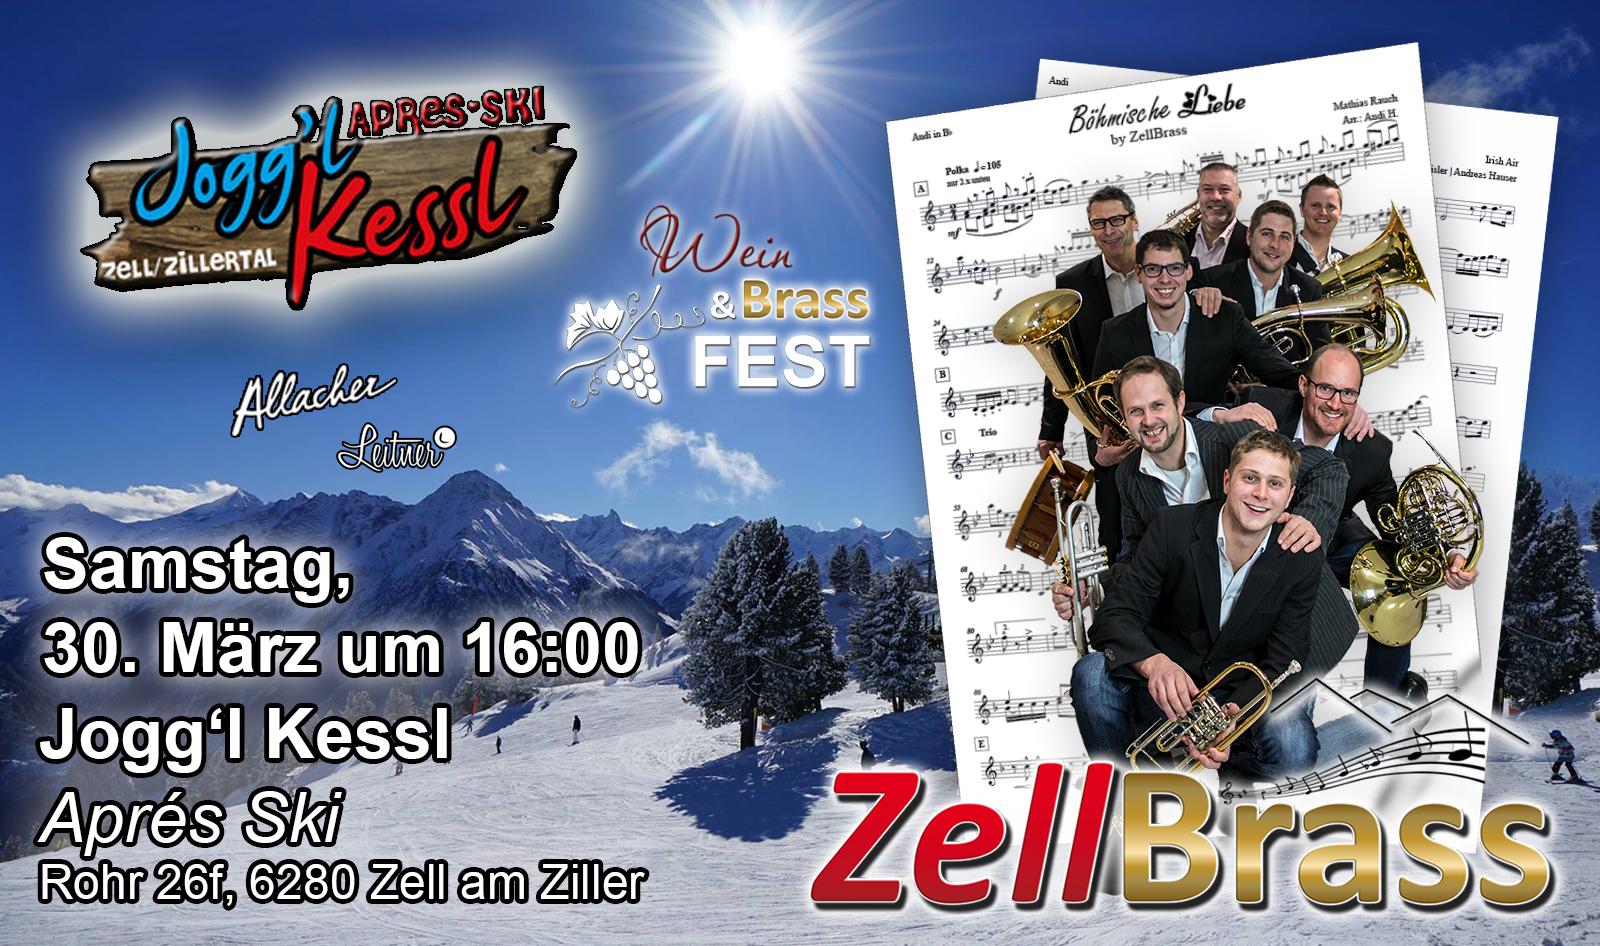 5. Wein und Brassfest mit ZellBrass